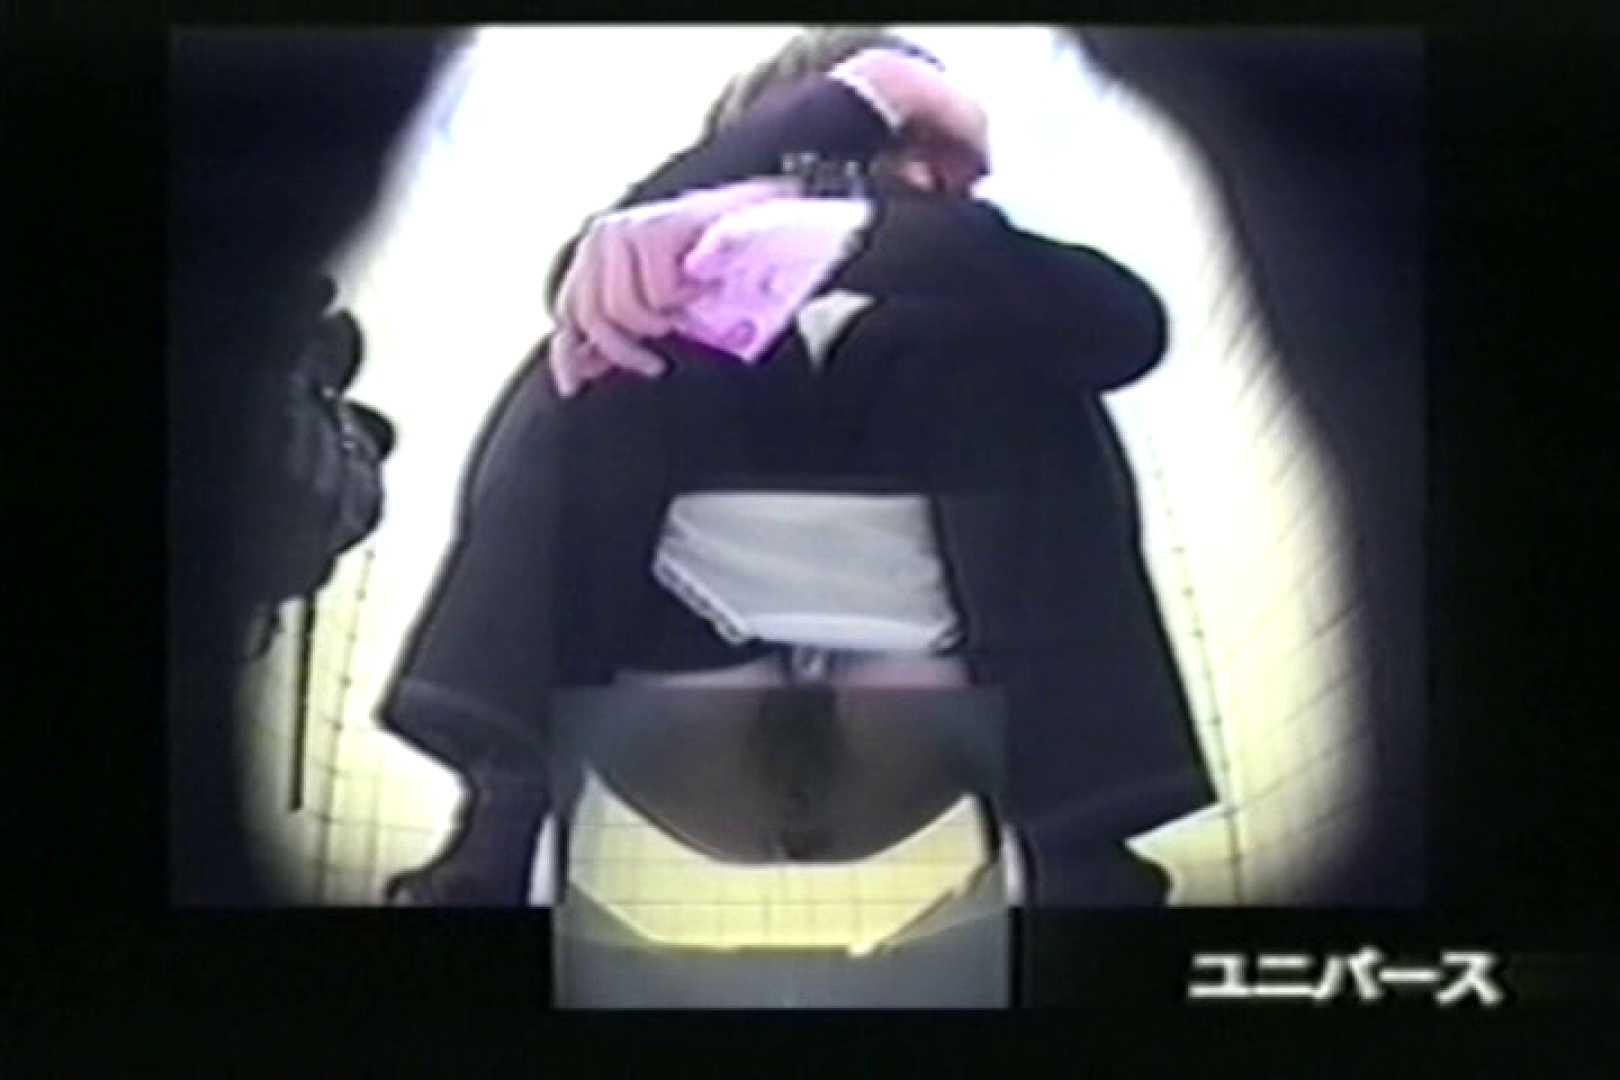 下半身シースルー洗面所Vol.3 洗面所突入 性交動画流出 106pic 64